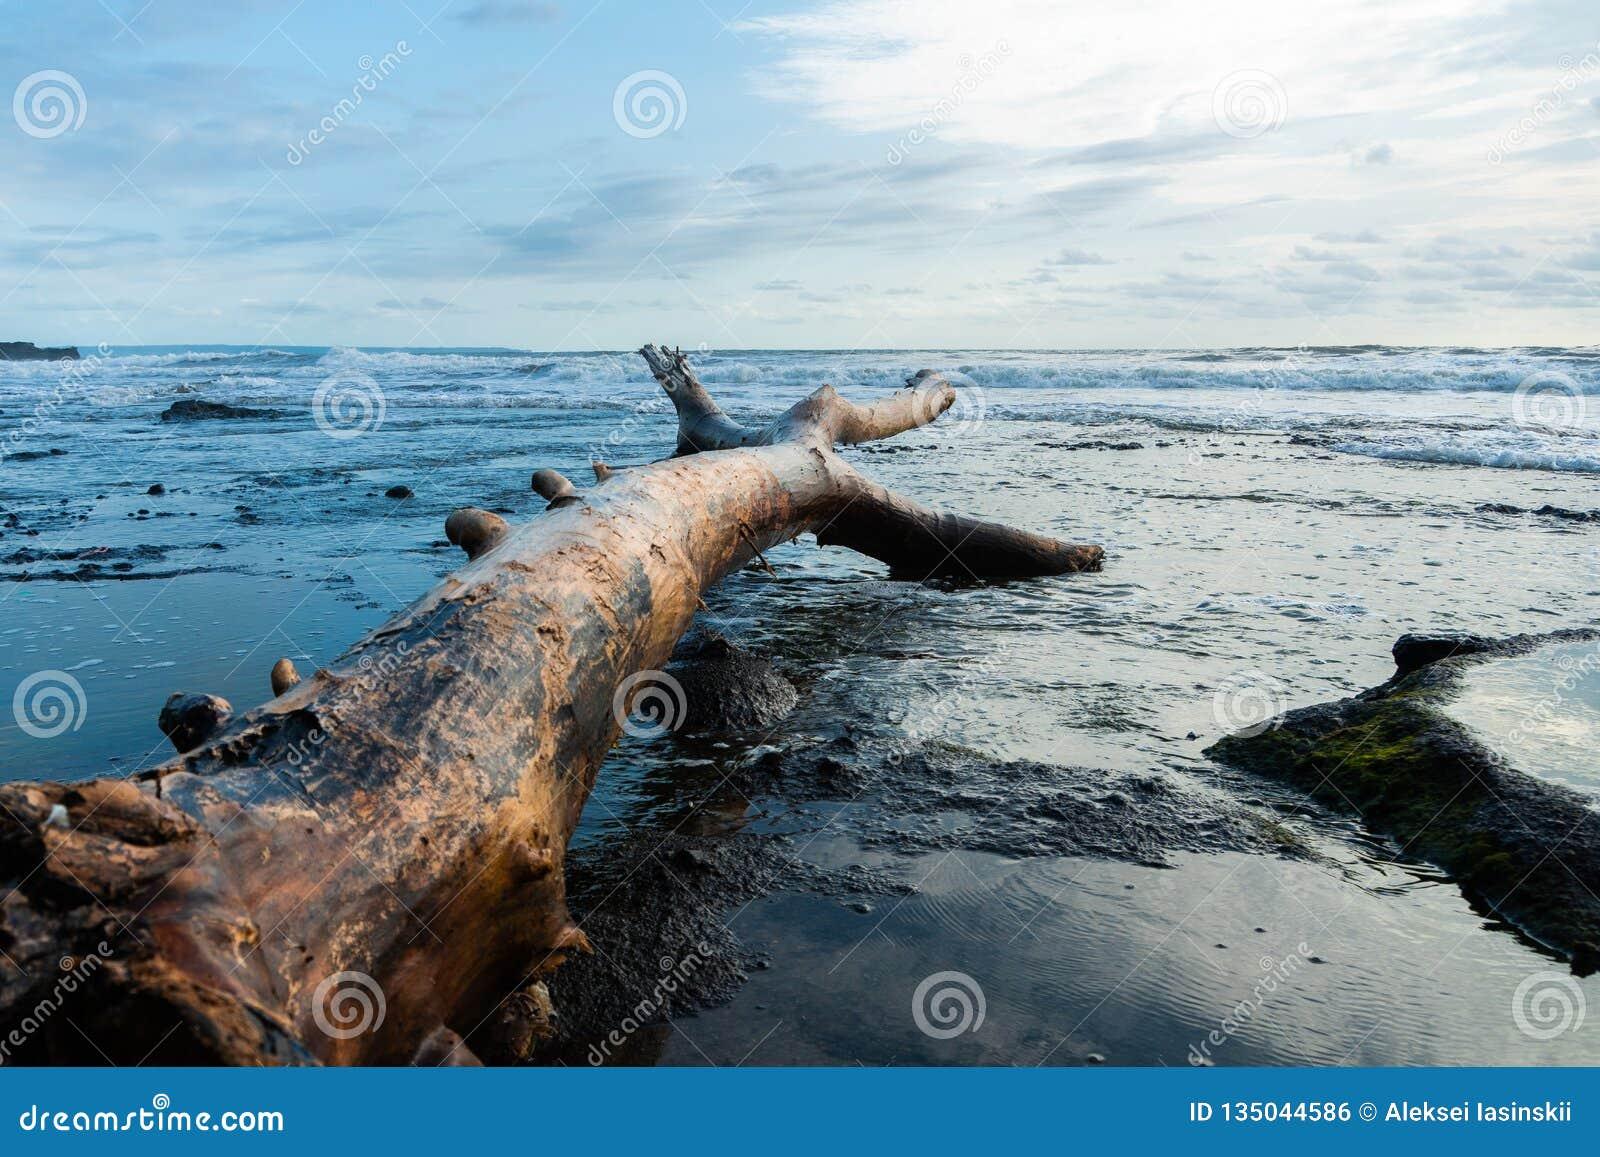 Stuk van drijfhout op zandig die oceanic strand door branding met laag van wit schuim op waterspiegel wordt gewassen